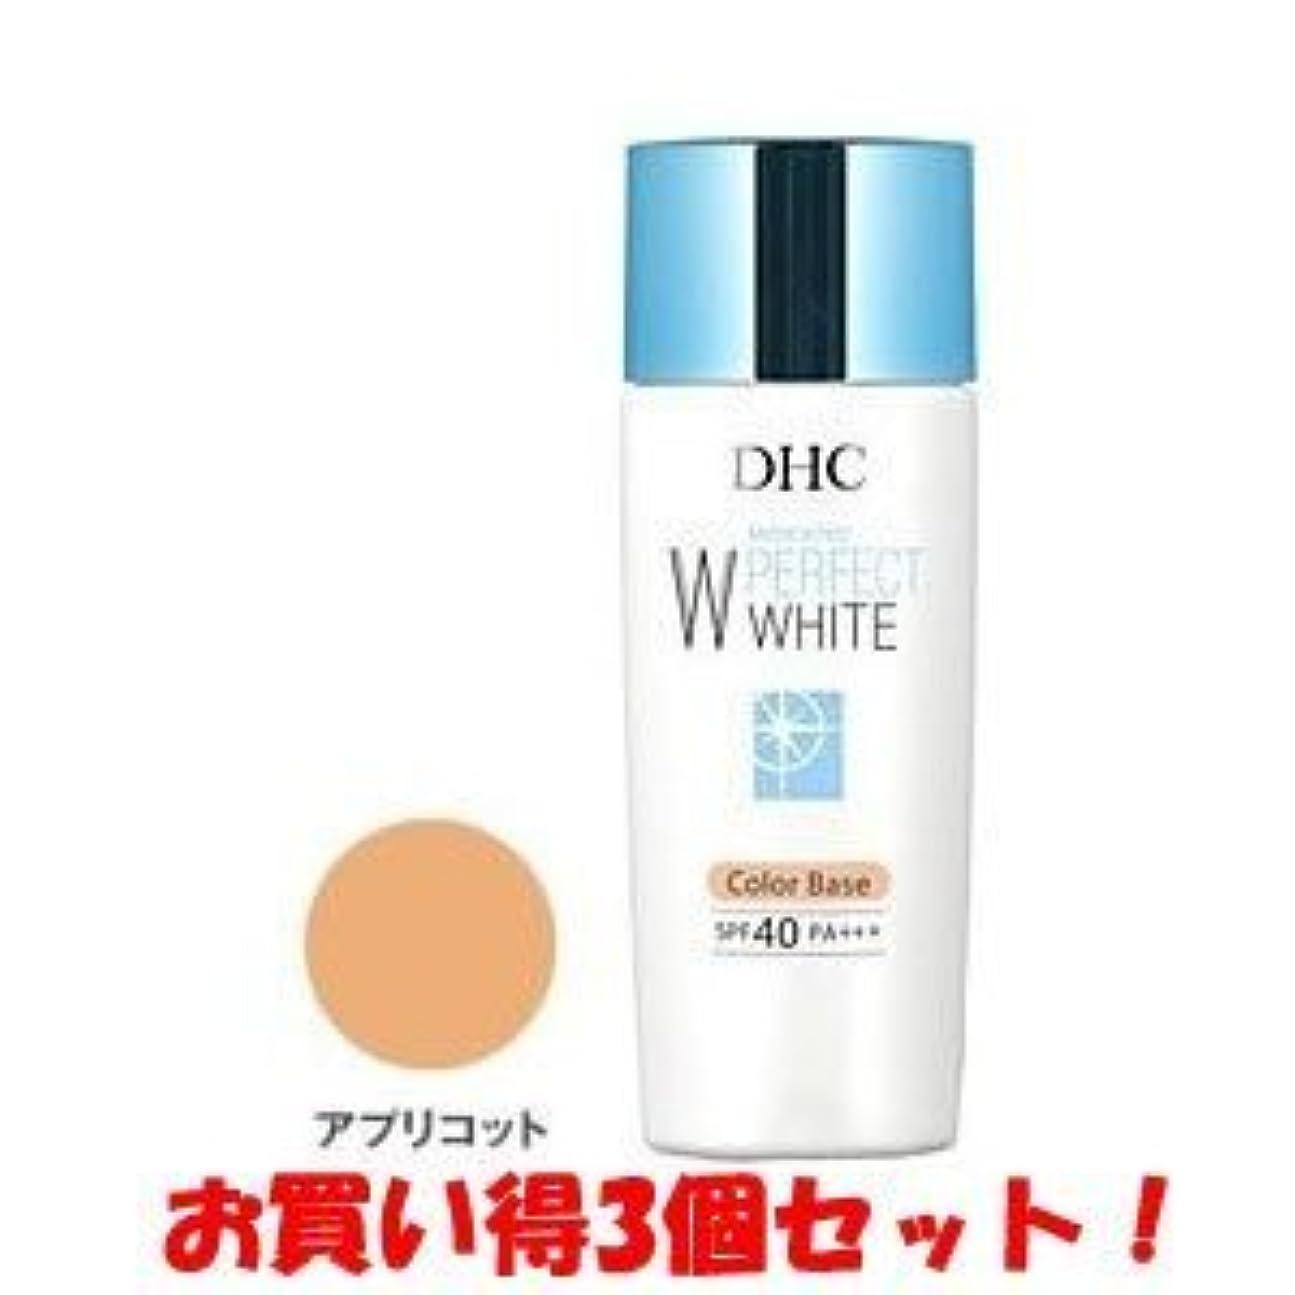 チロ前方へサリーDHC 薬用パーフェクトホワイト カラーベース アプリコット 30g(医薬部外品)(お買い得3個セット)